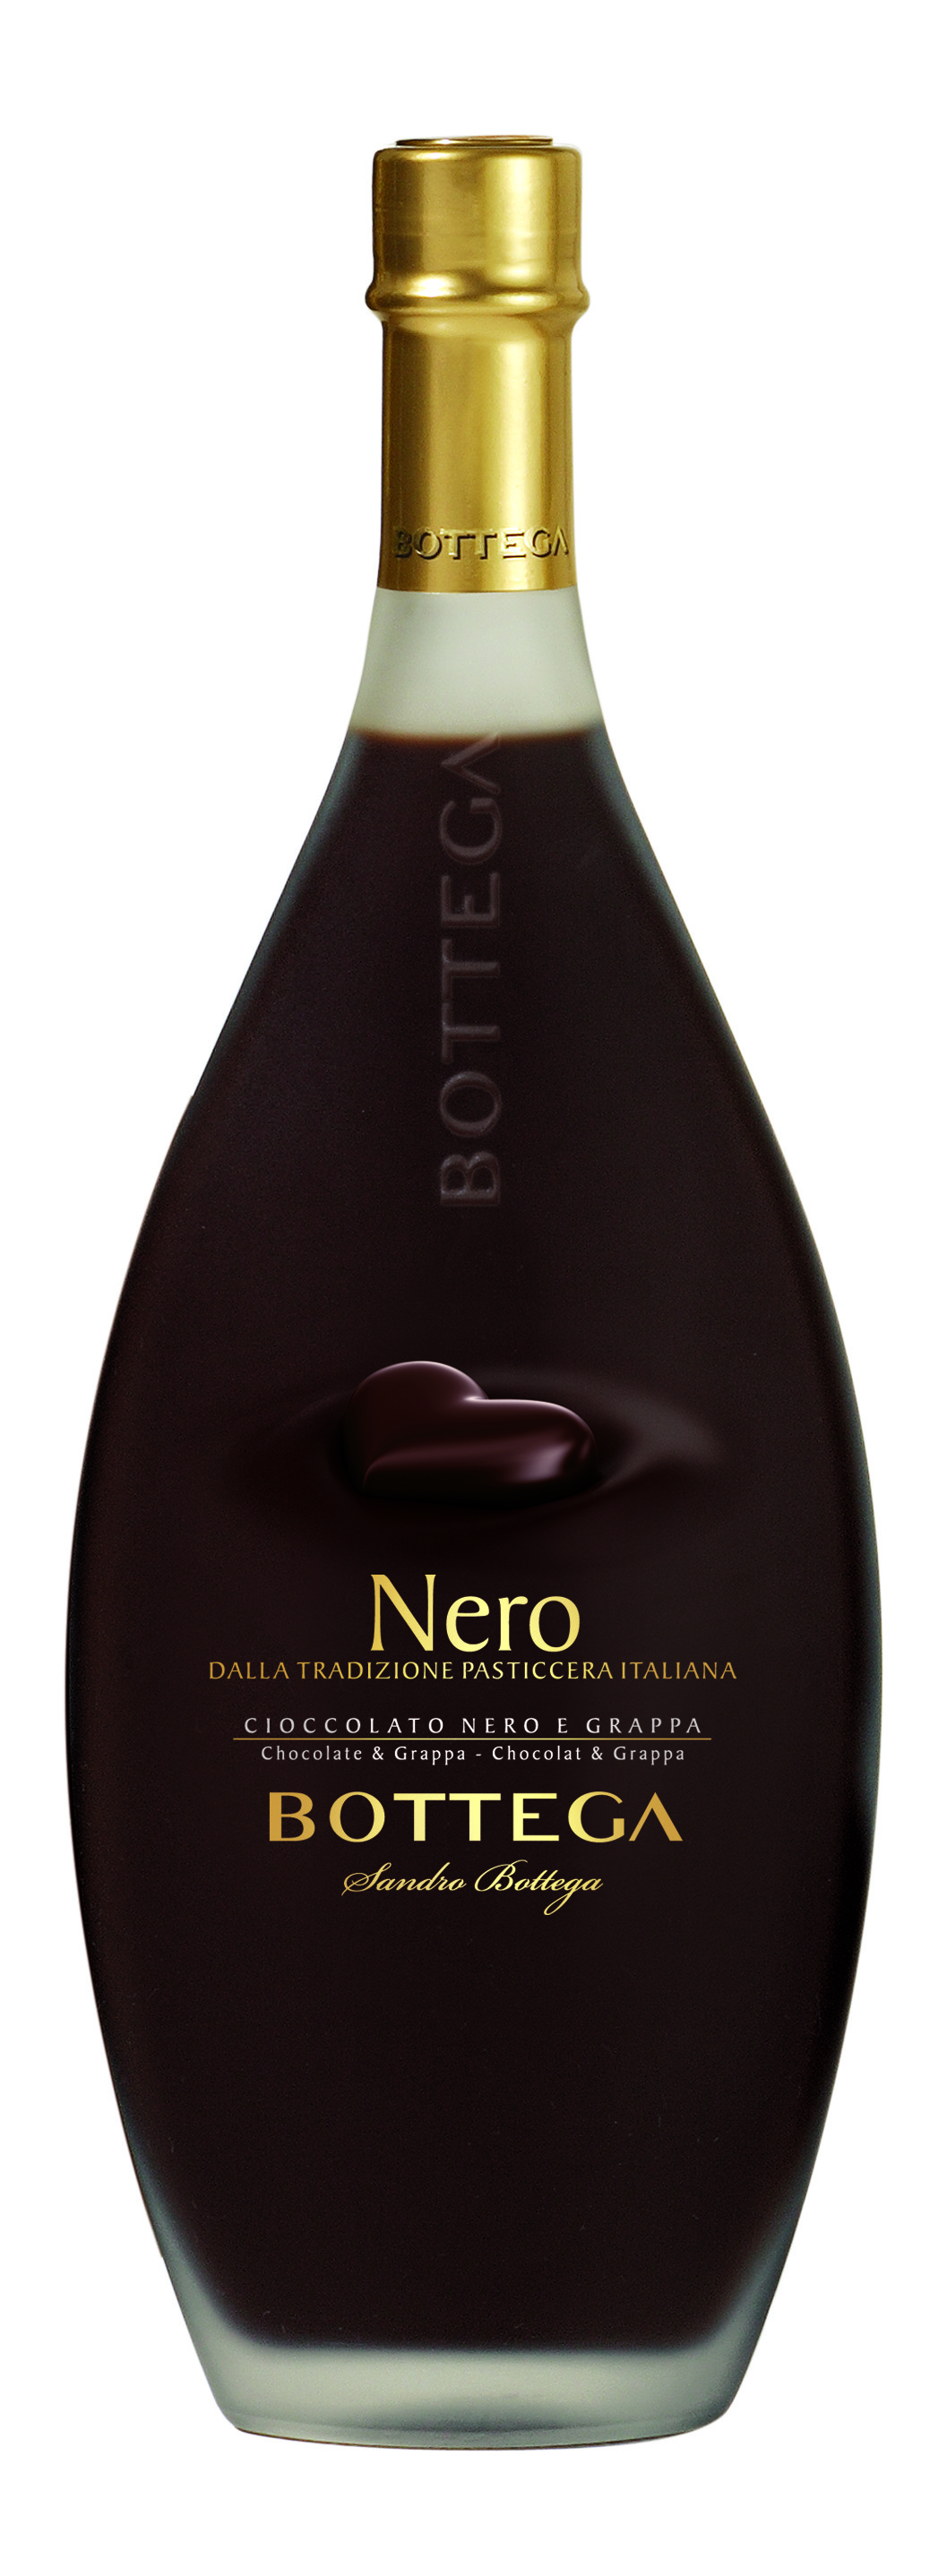 Nero Bottega il liquore di cioccolato e grappa per una Pasqua golosa